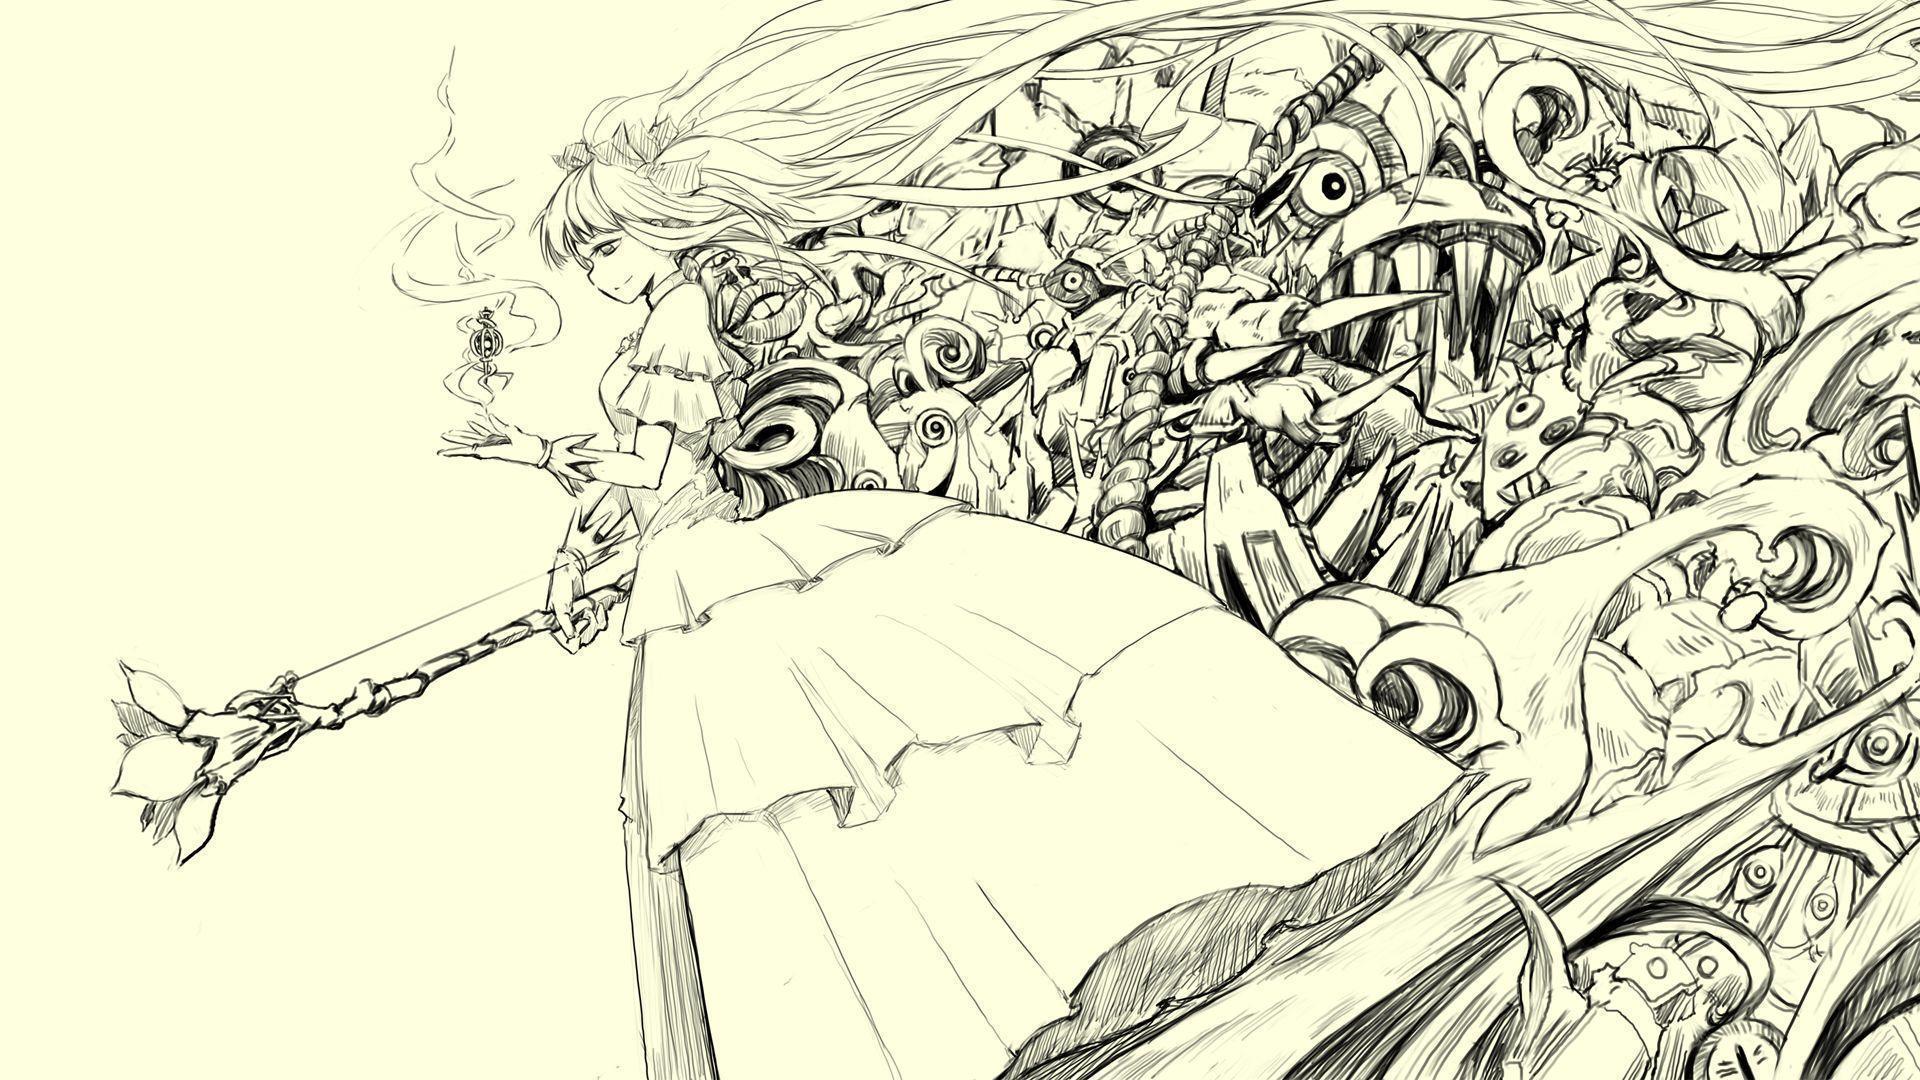 Pencil sketch wallpaper wallpapersafari